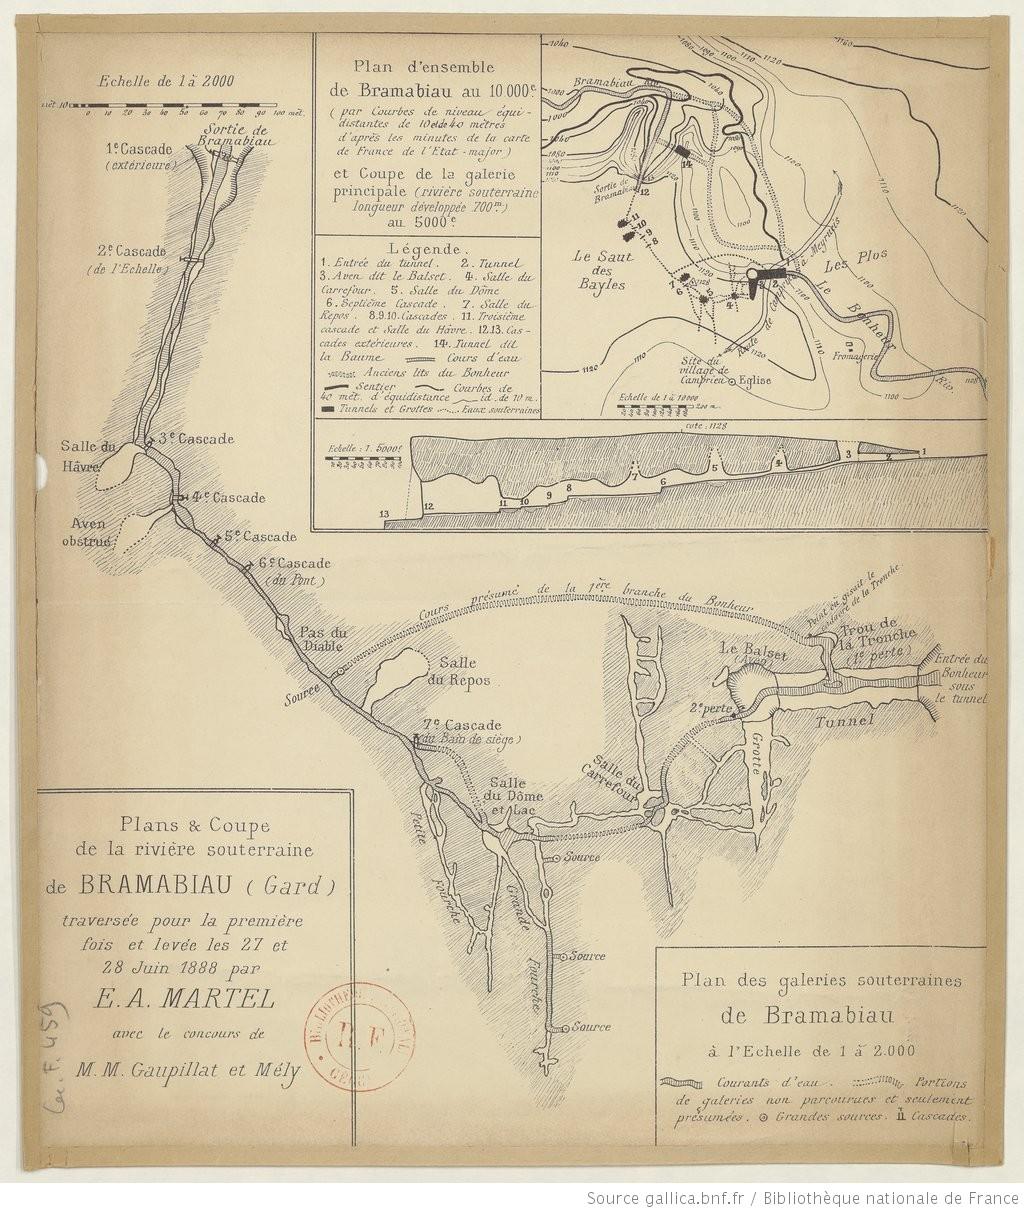 Plan et coupe de la rivière souterraine de Bramabiau levés par E.A. Martel le 27 et 28 juin 1888.